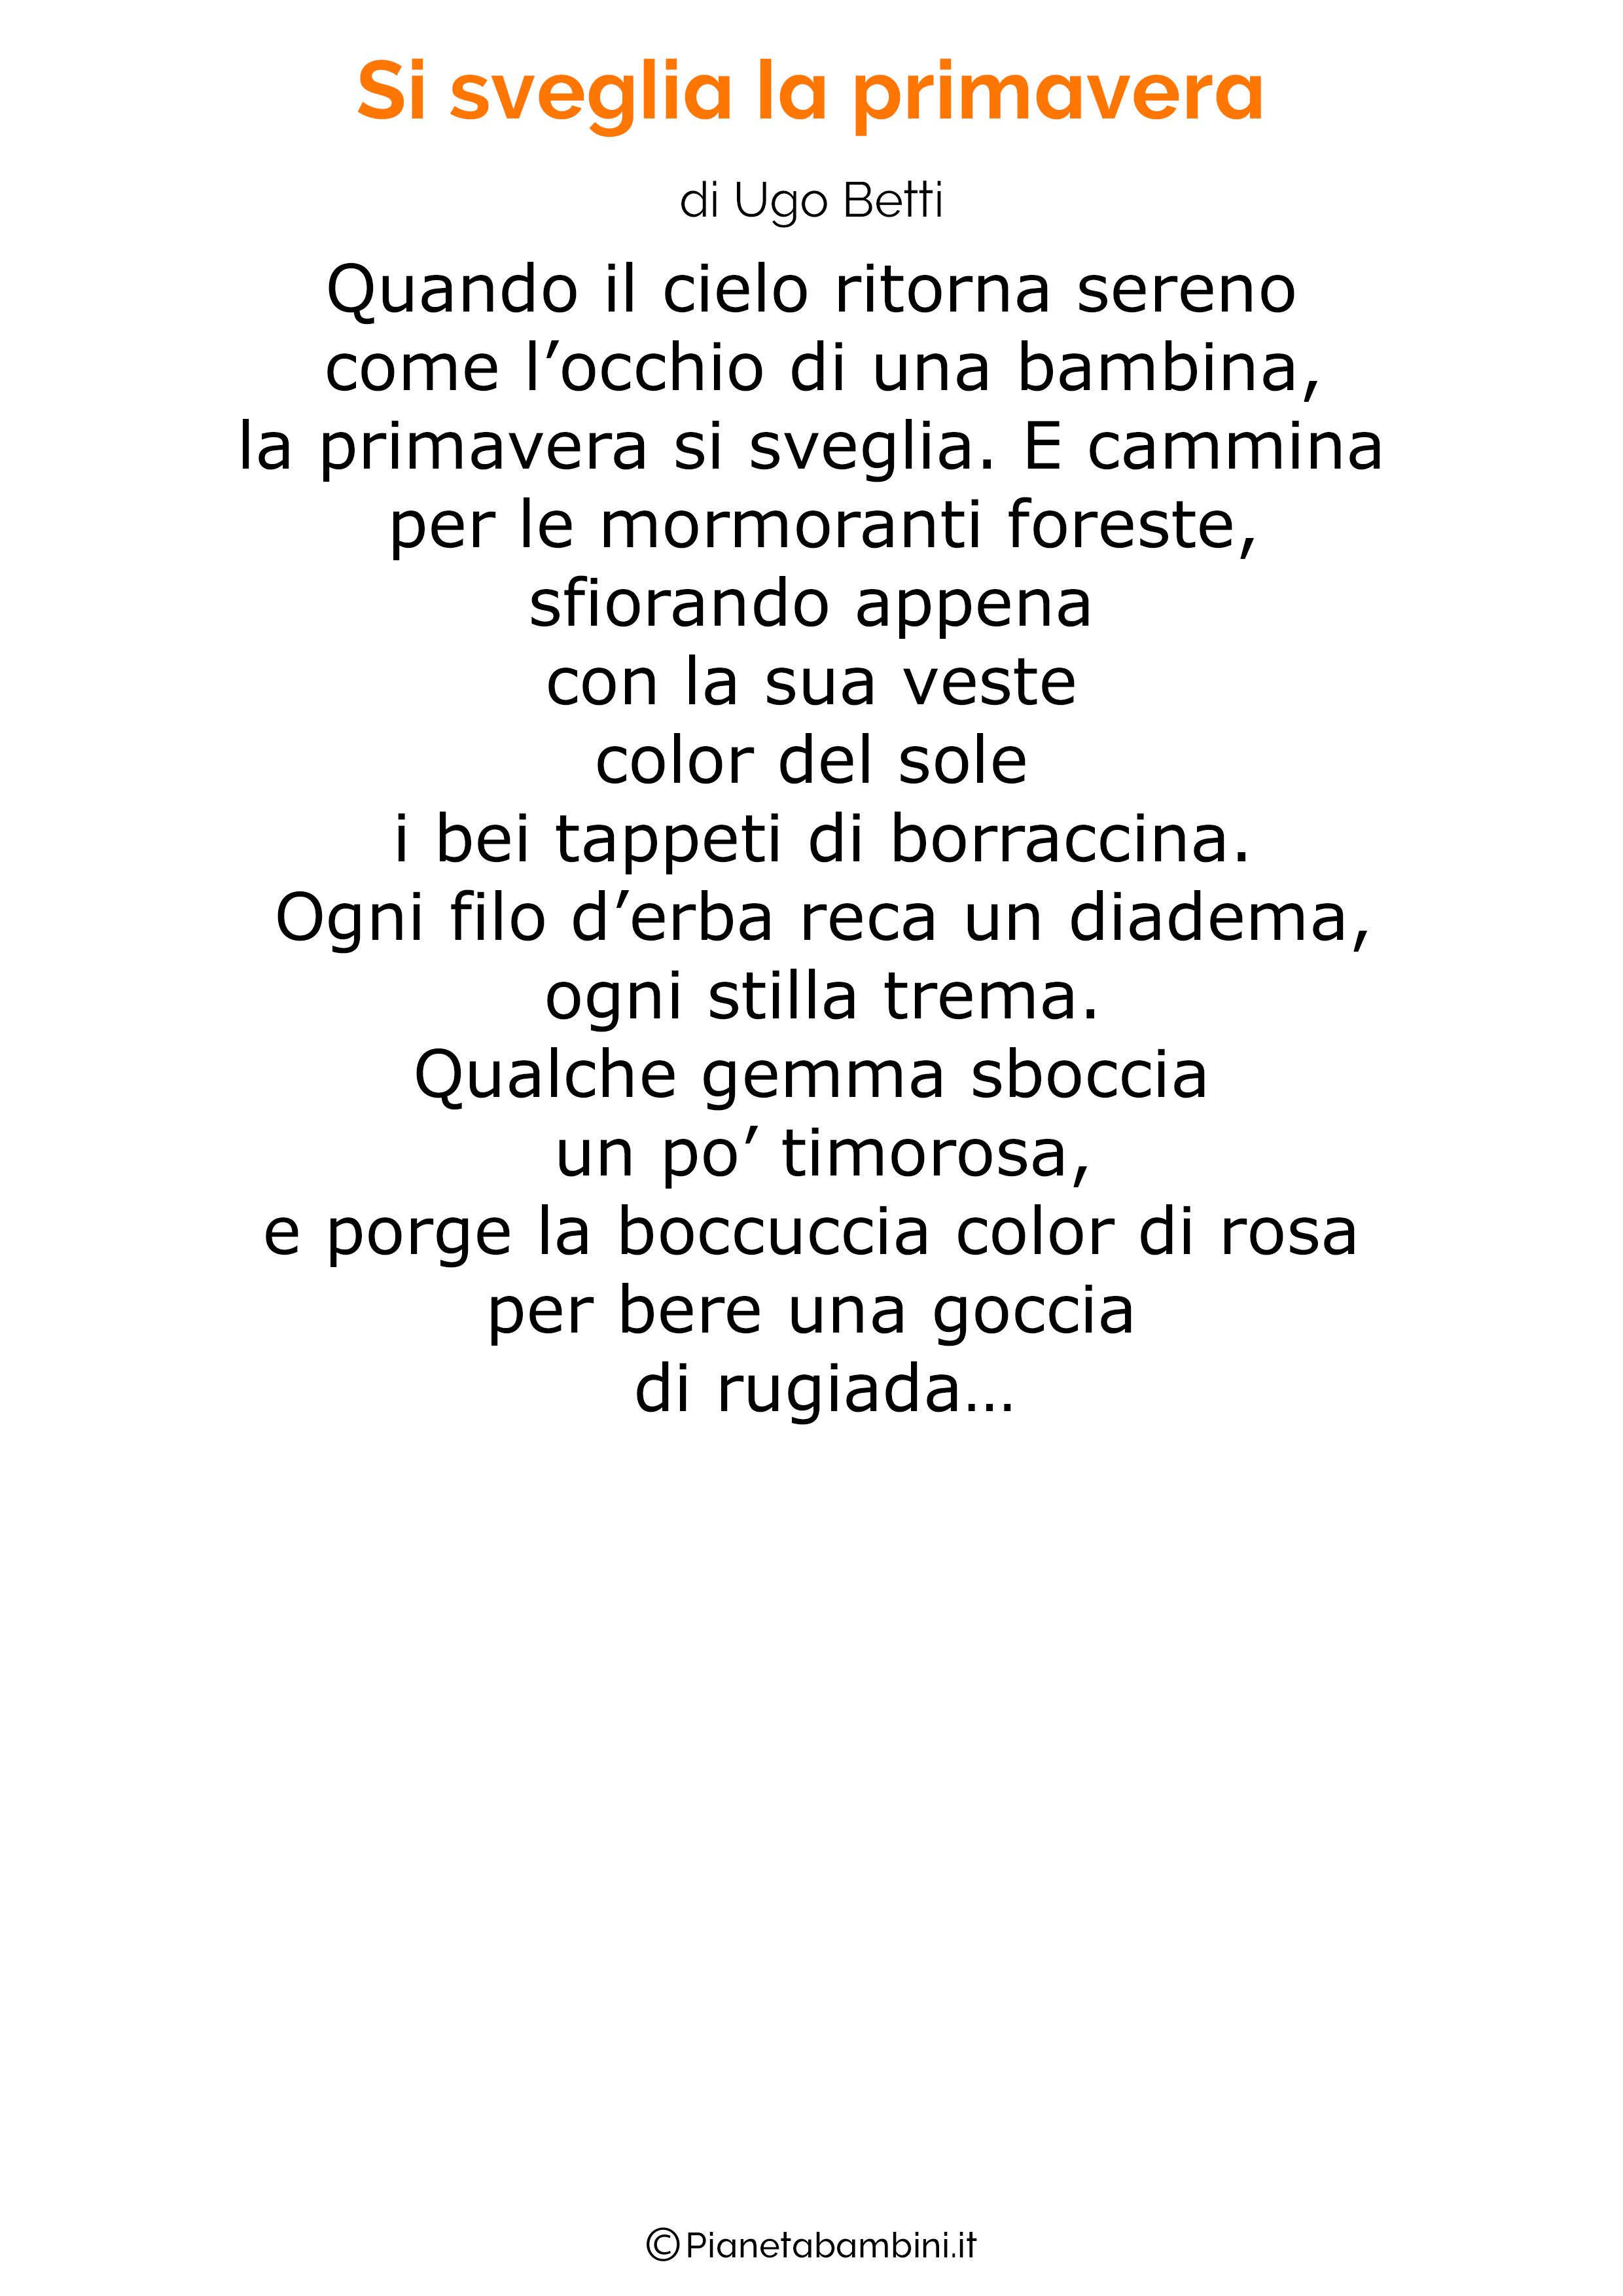 Poesia sulla Primavera 07